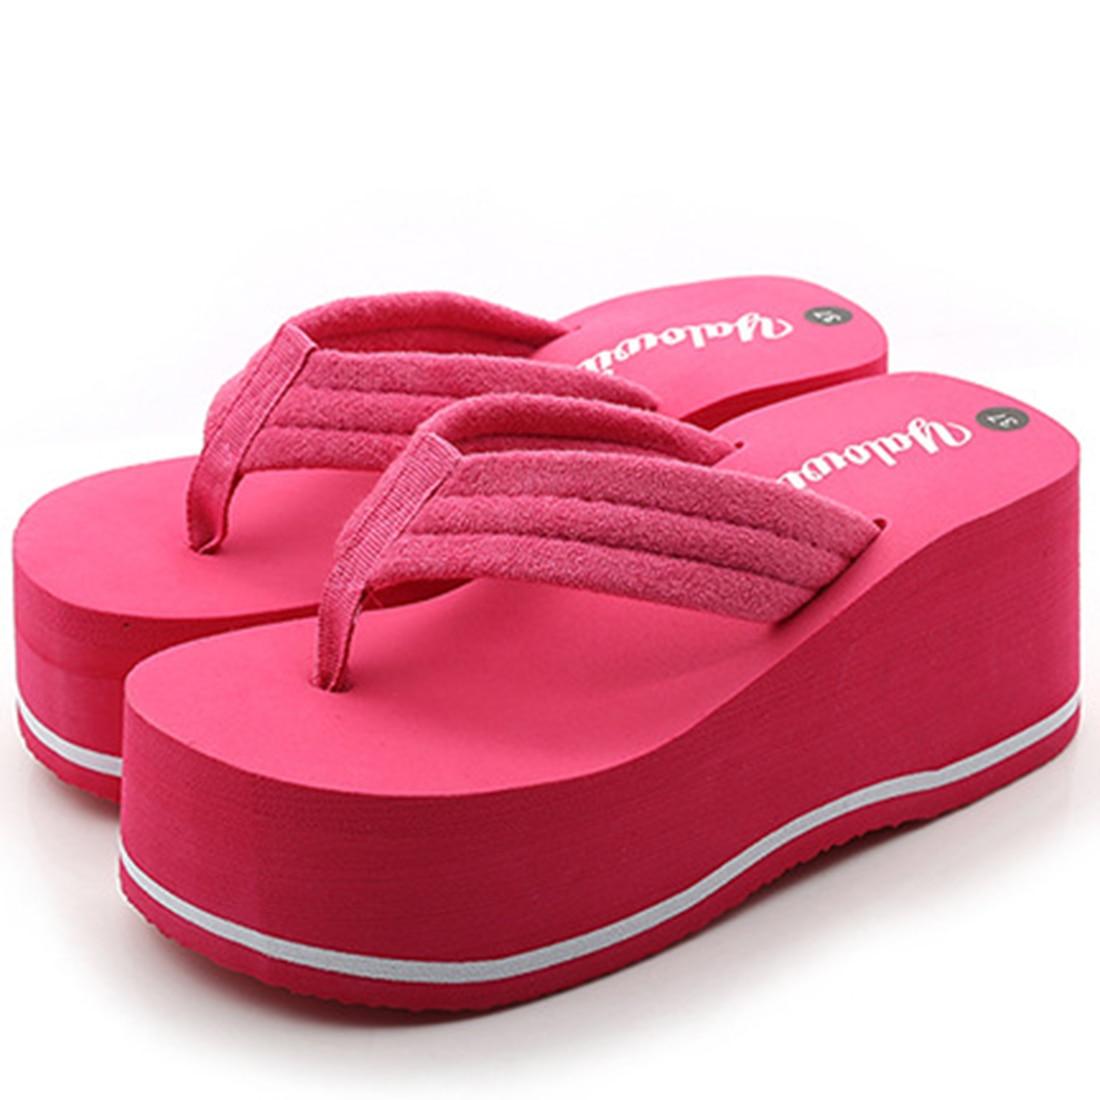 2017 Roman Style Summer Women Ultra High Heels wedge slippers Patchwork Bright Beach Flip Flops Platform